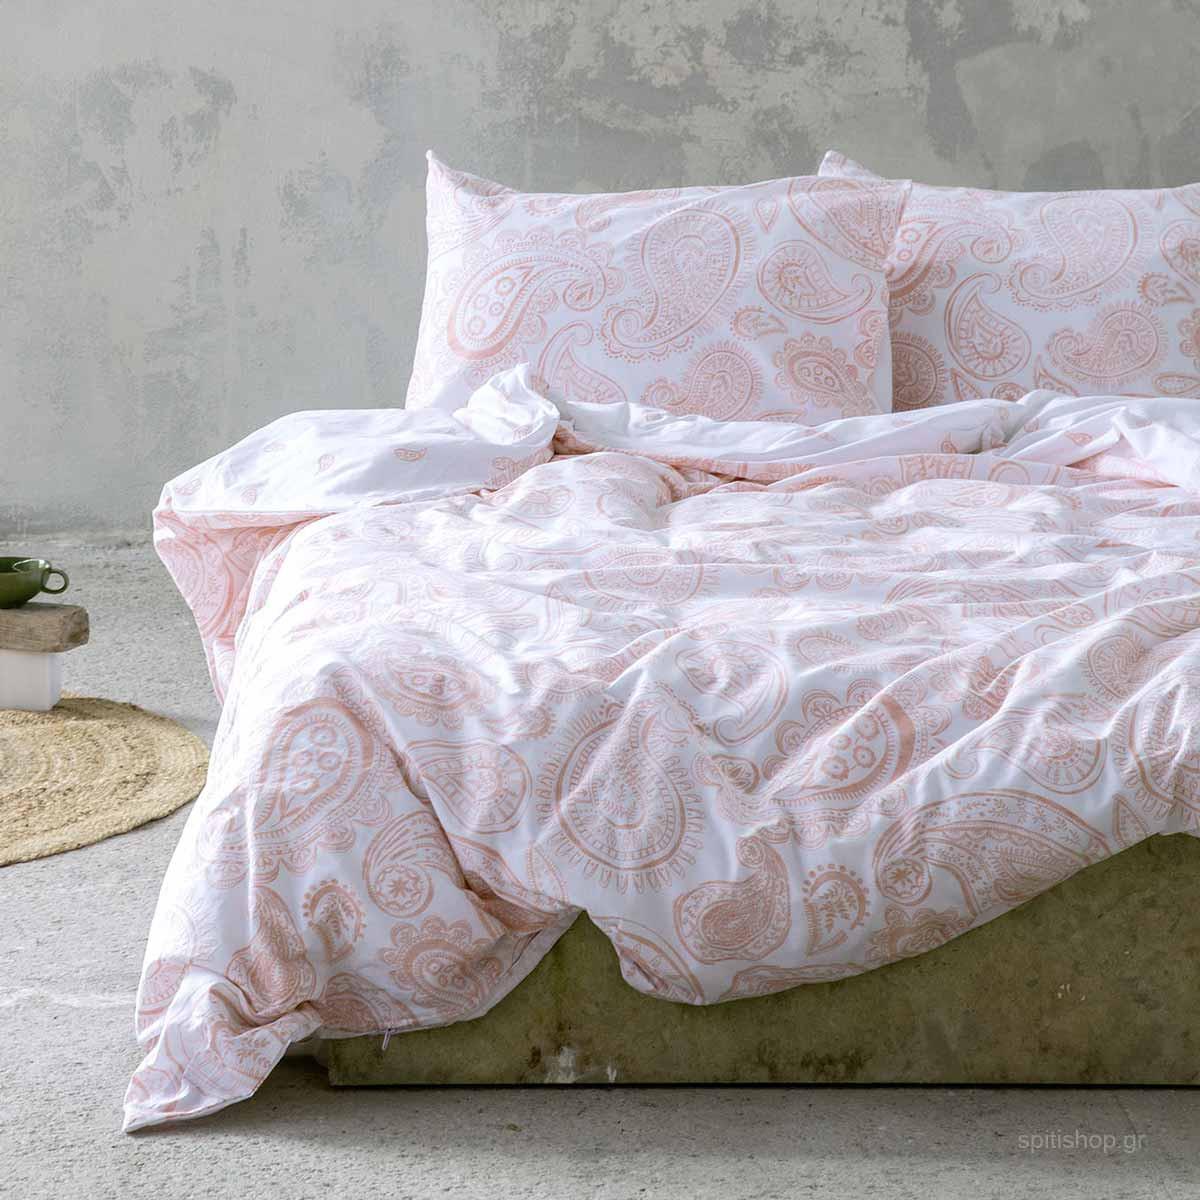 Σεντόνια Υπέρδιπλα (Σετ) Nima Bed Linen Aditti Pink ΜΕ ΛΑΣΤΙΧΟ ΜΕ ΛΑΣΤΙΧΟ